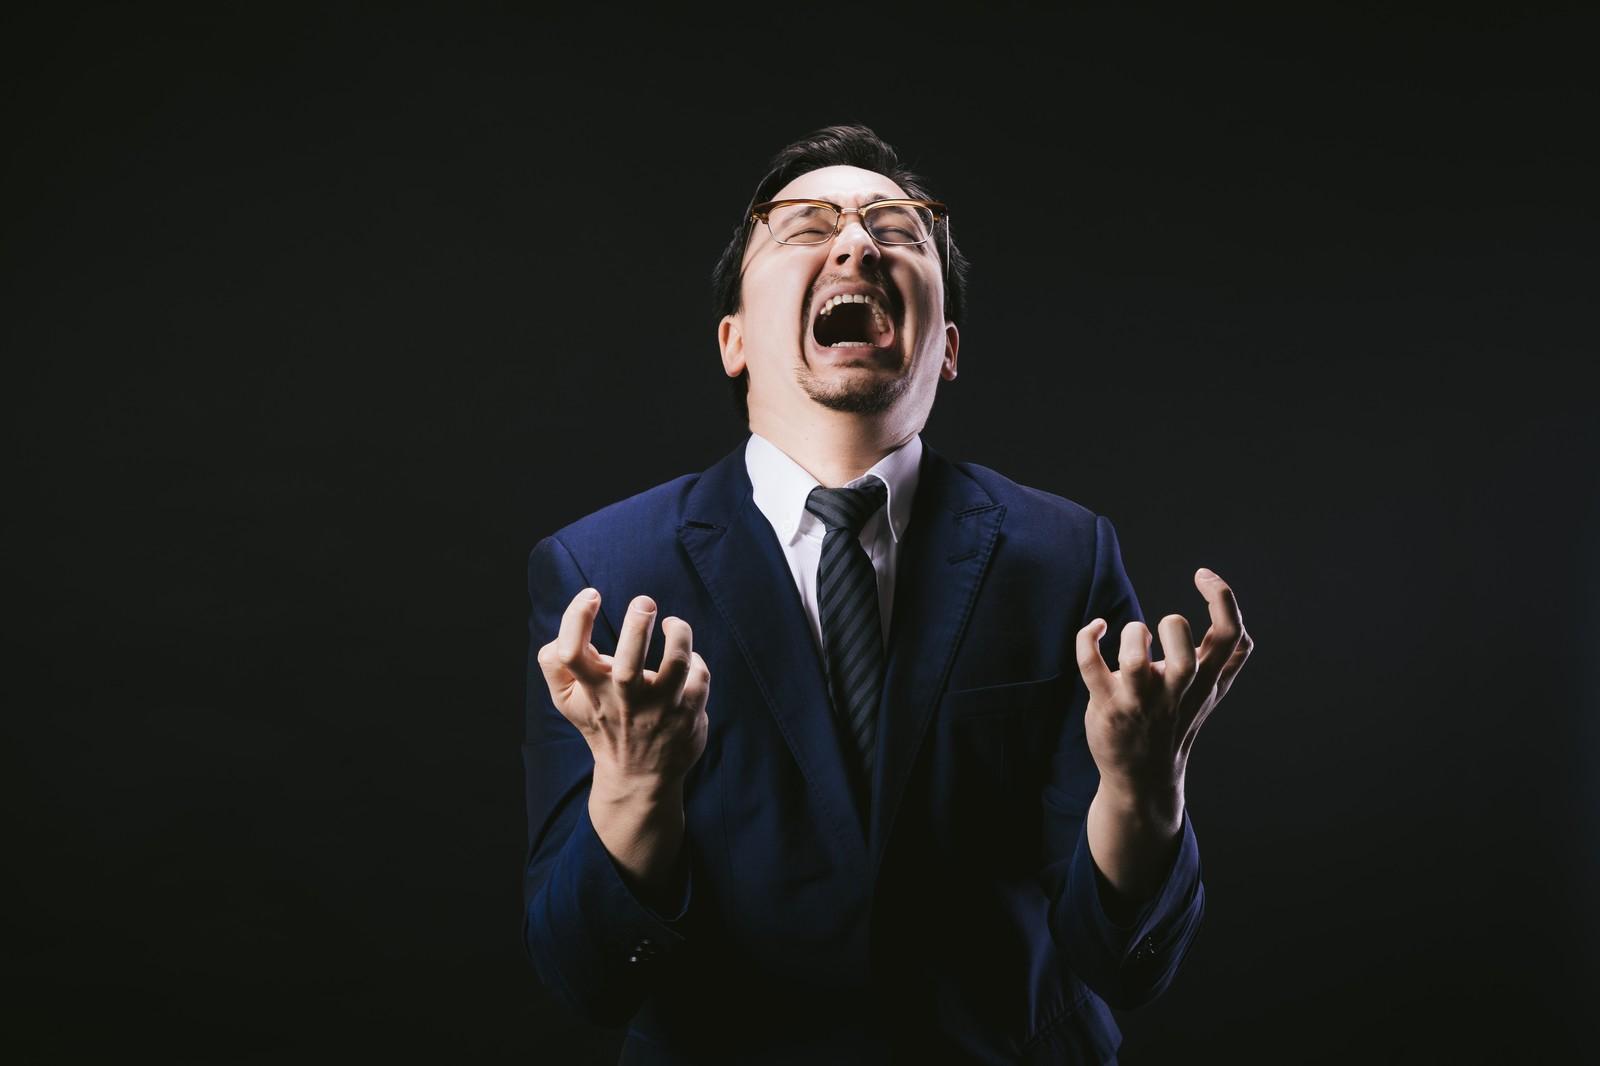 【カラオケ】5曲歌うと完全に喉が壊れるんですけど・・・